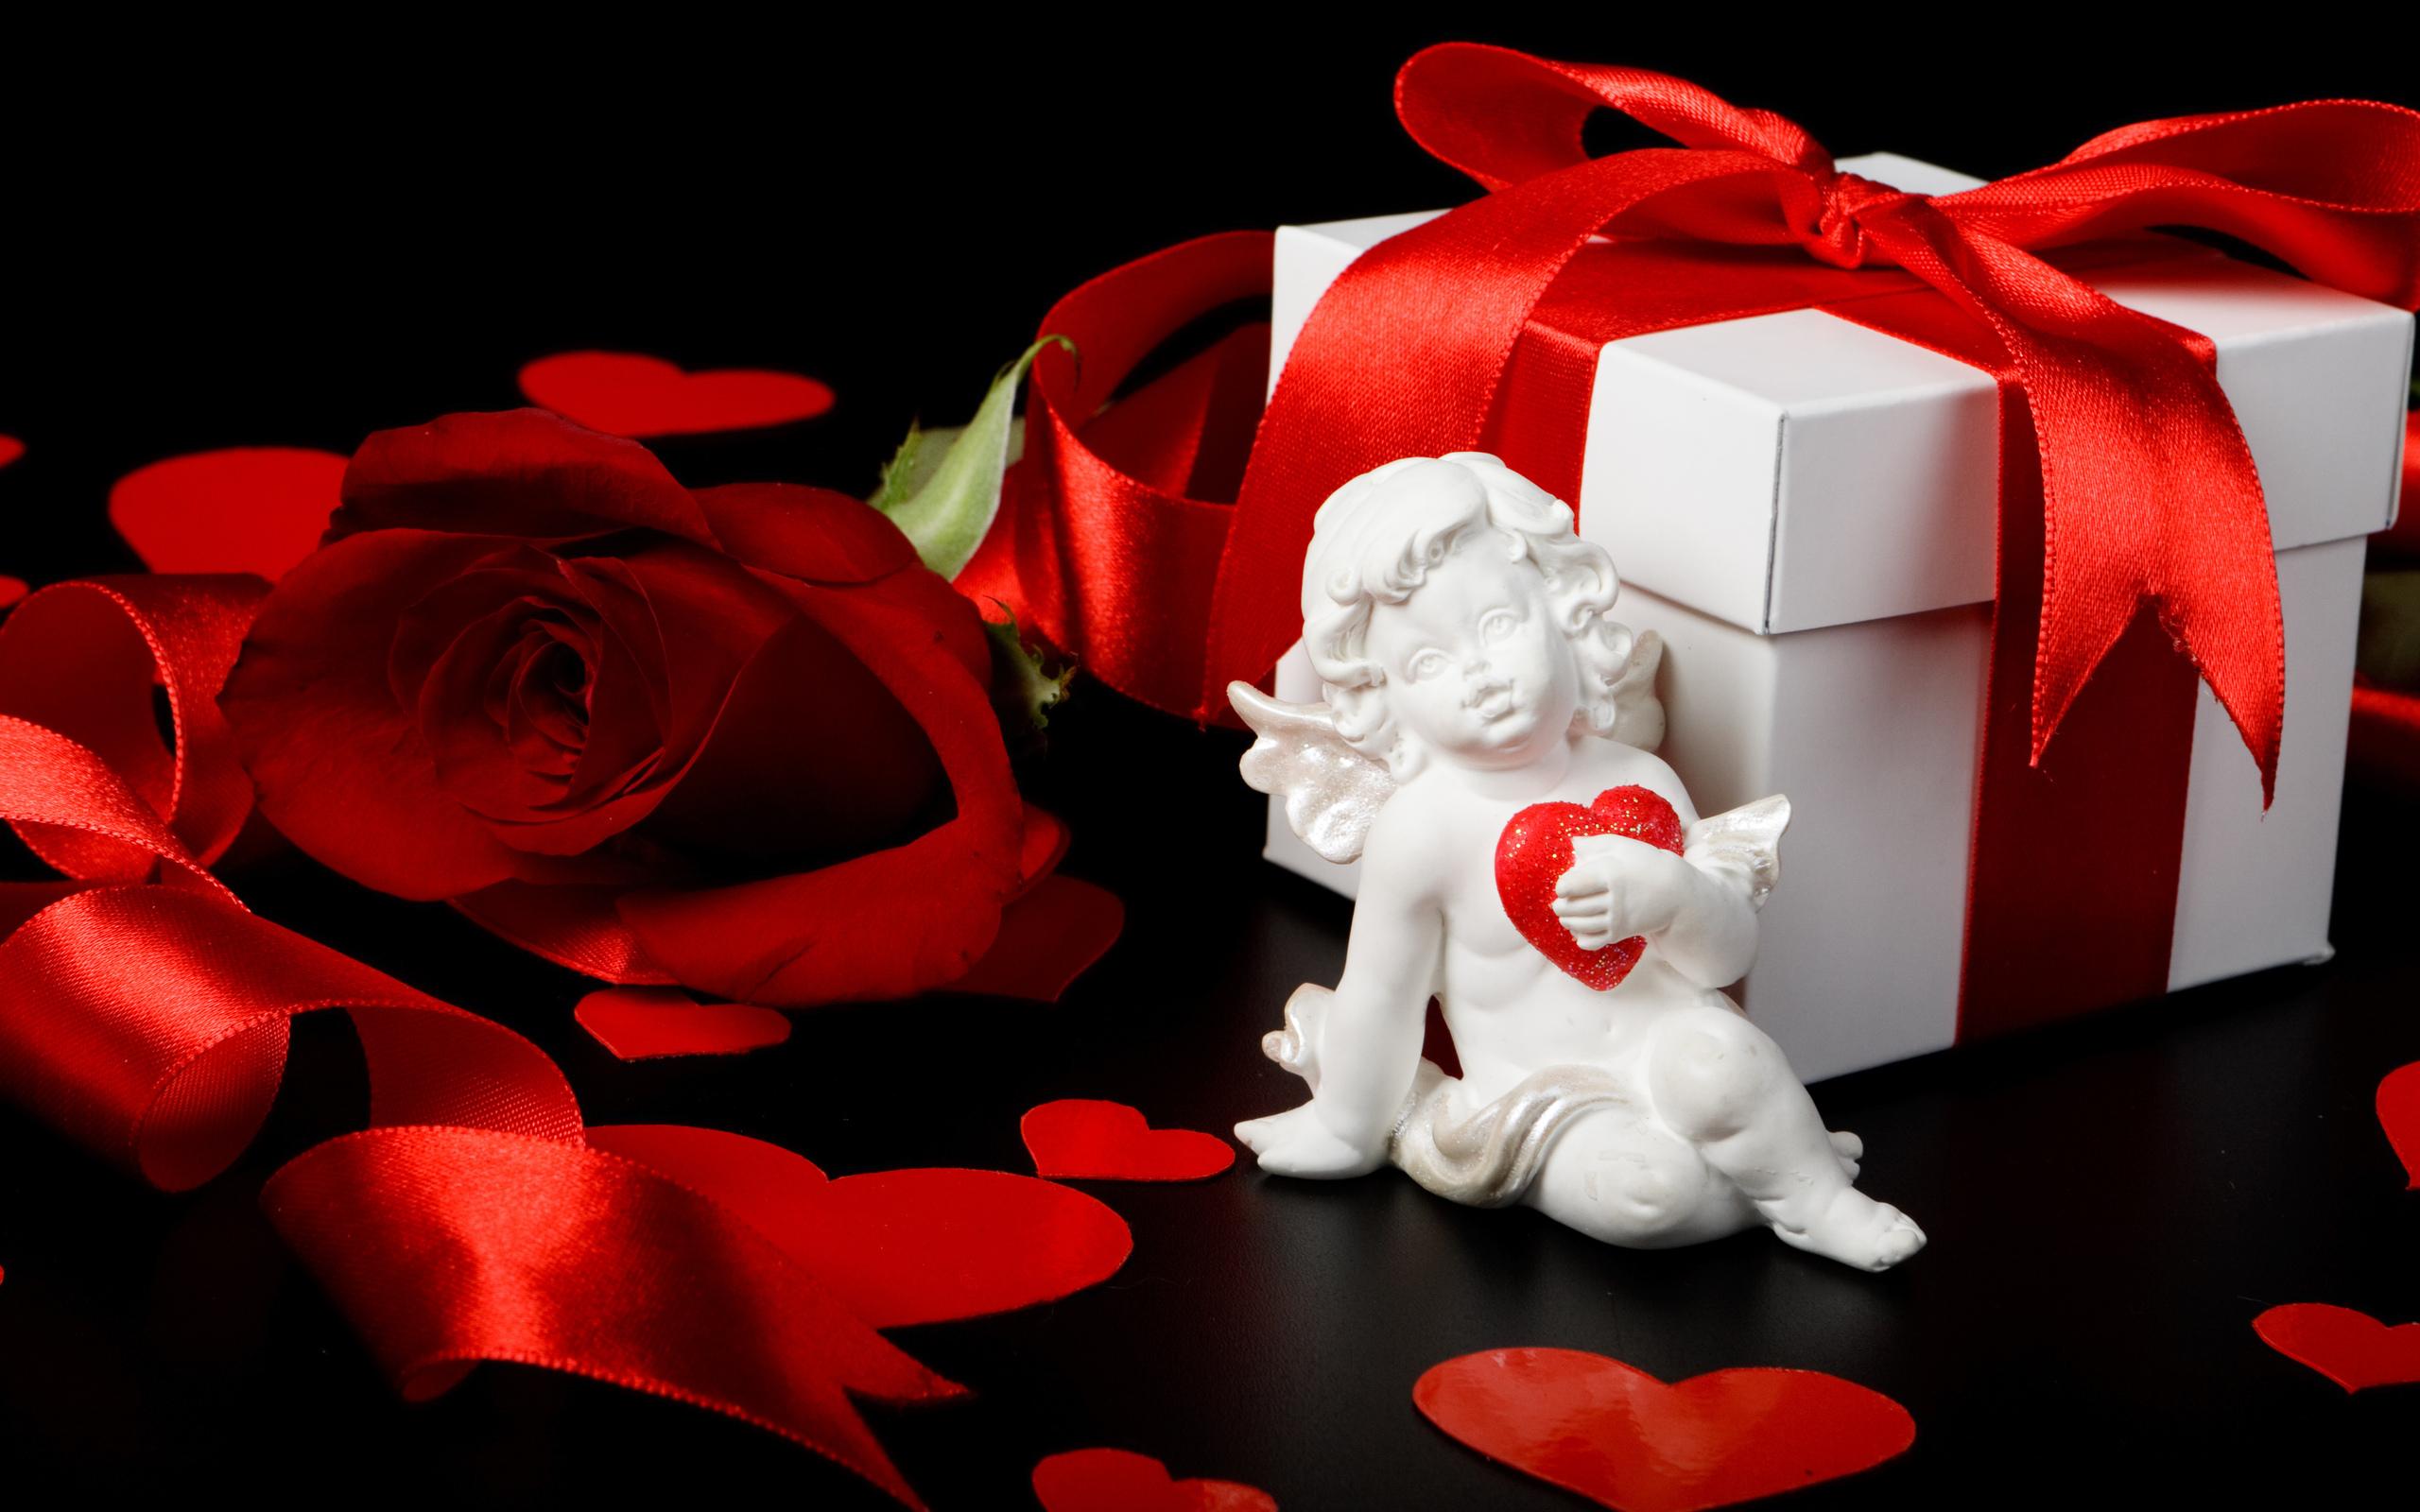 Открытки день влюбленных 14 февраля фото